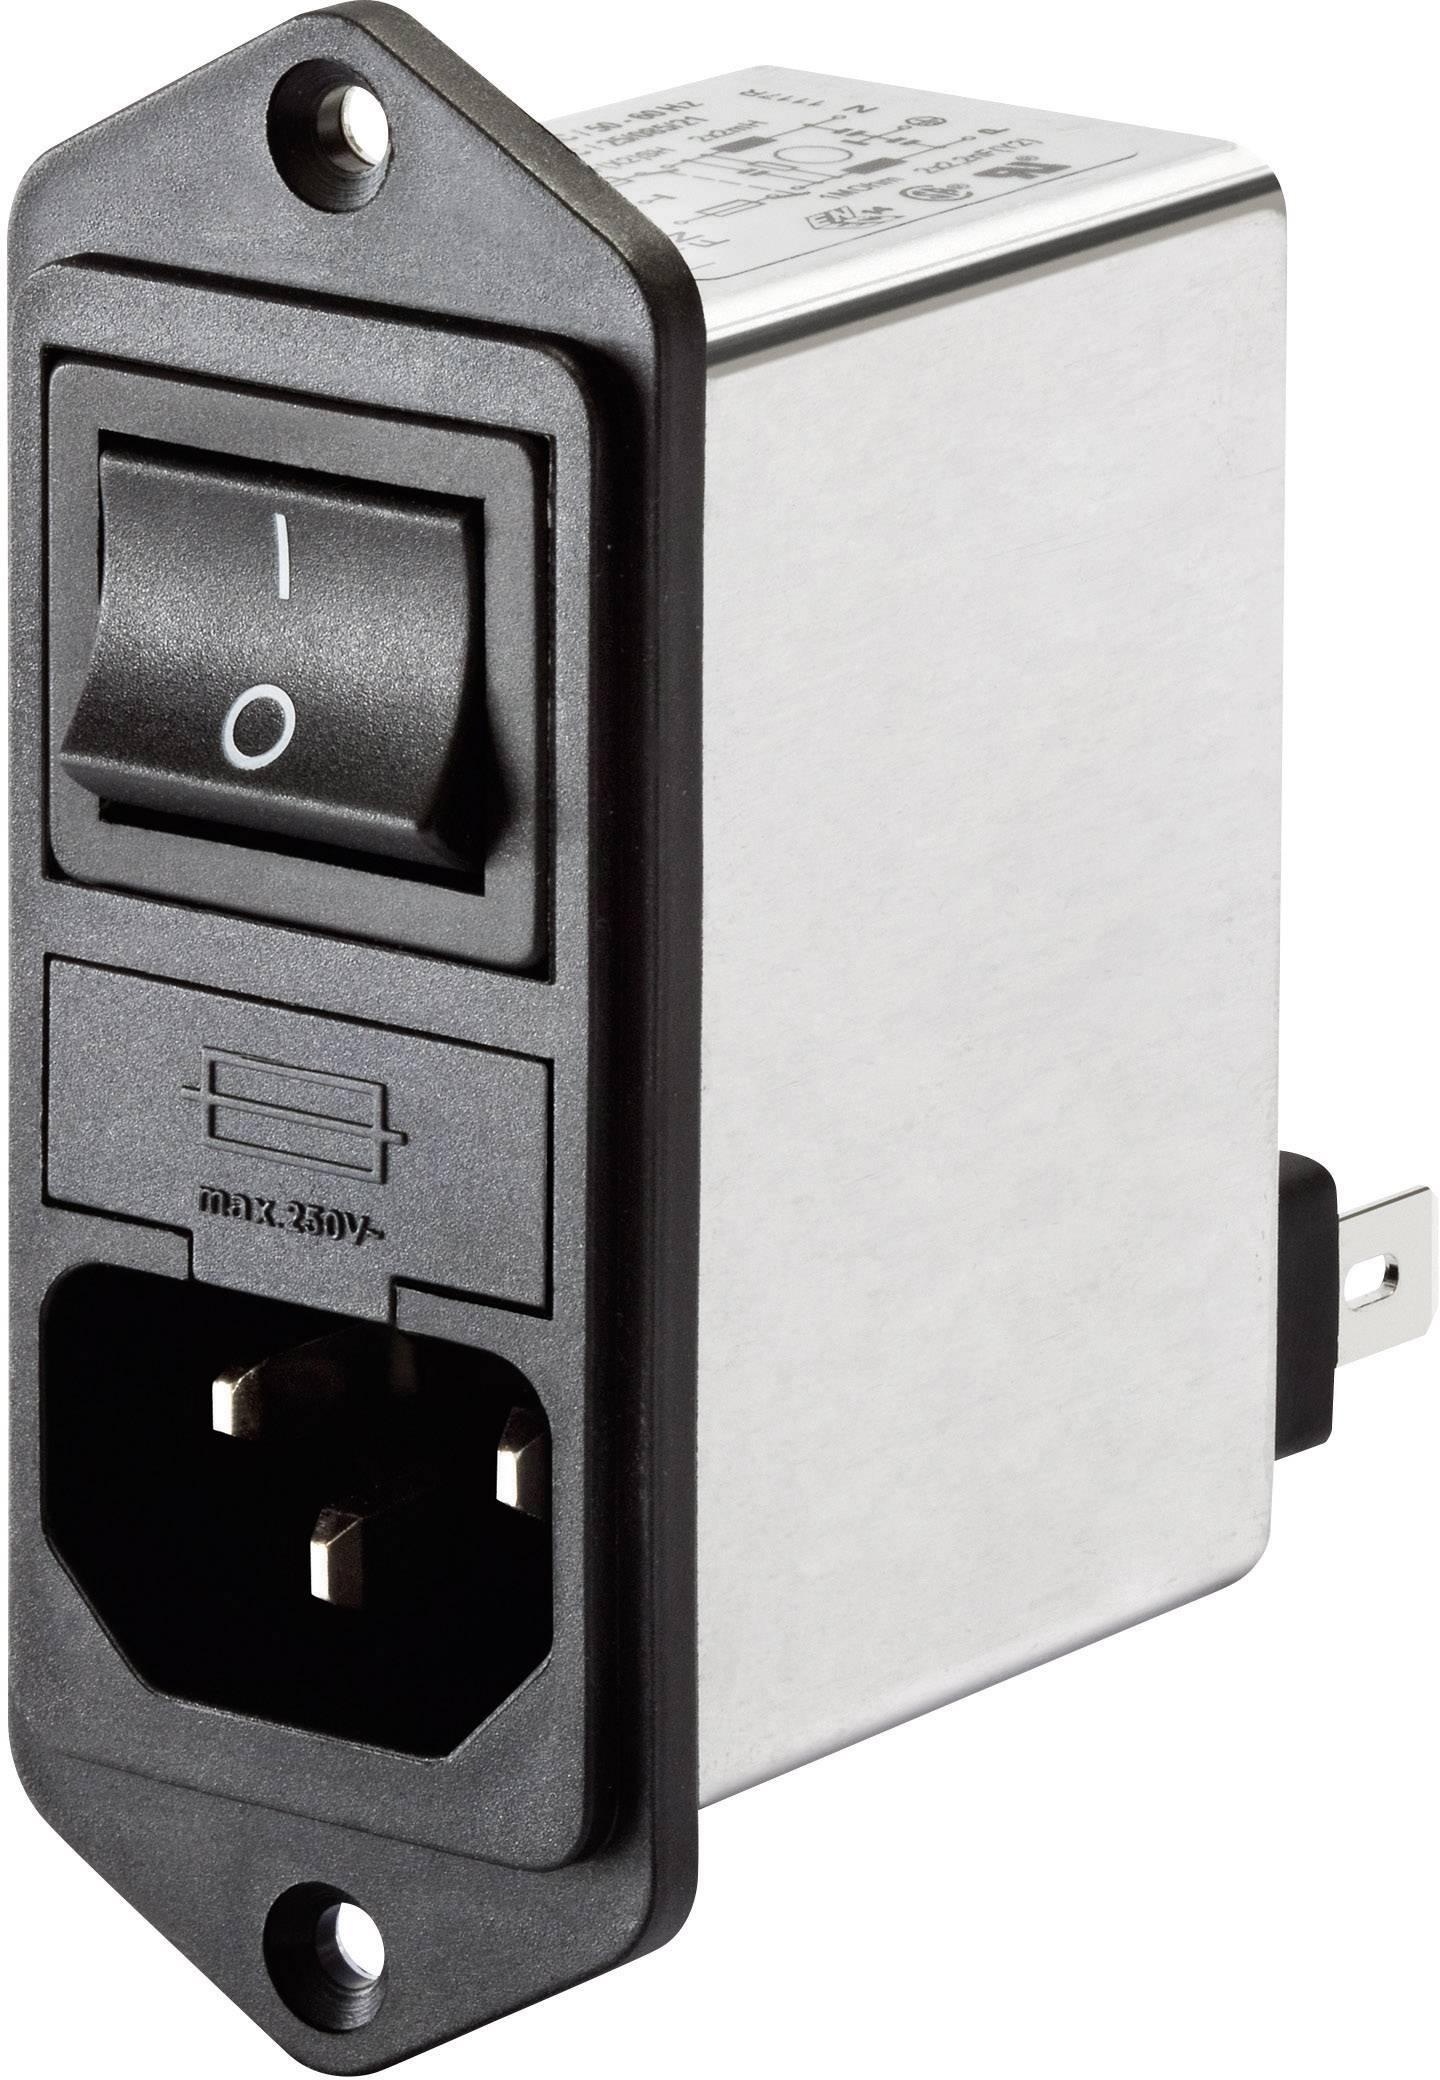 Sieťový filter Schaffner FN 286-1-06 FN 286-1-06, so spínačom, s IEC zásuvkou, 250 V/AC, 1 A, 7.5 mH, 1 ks